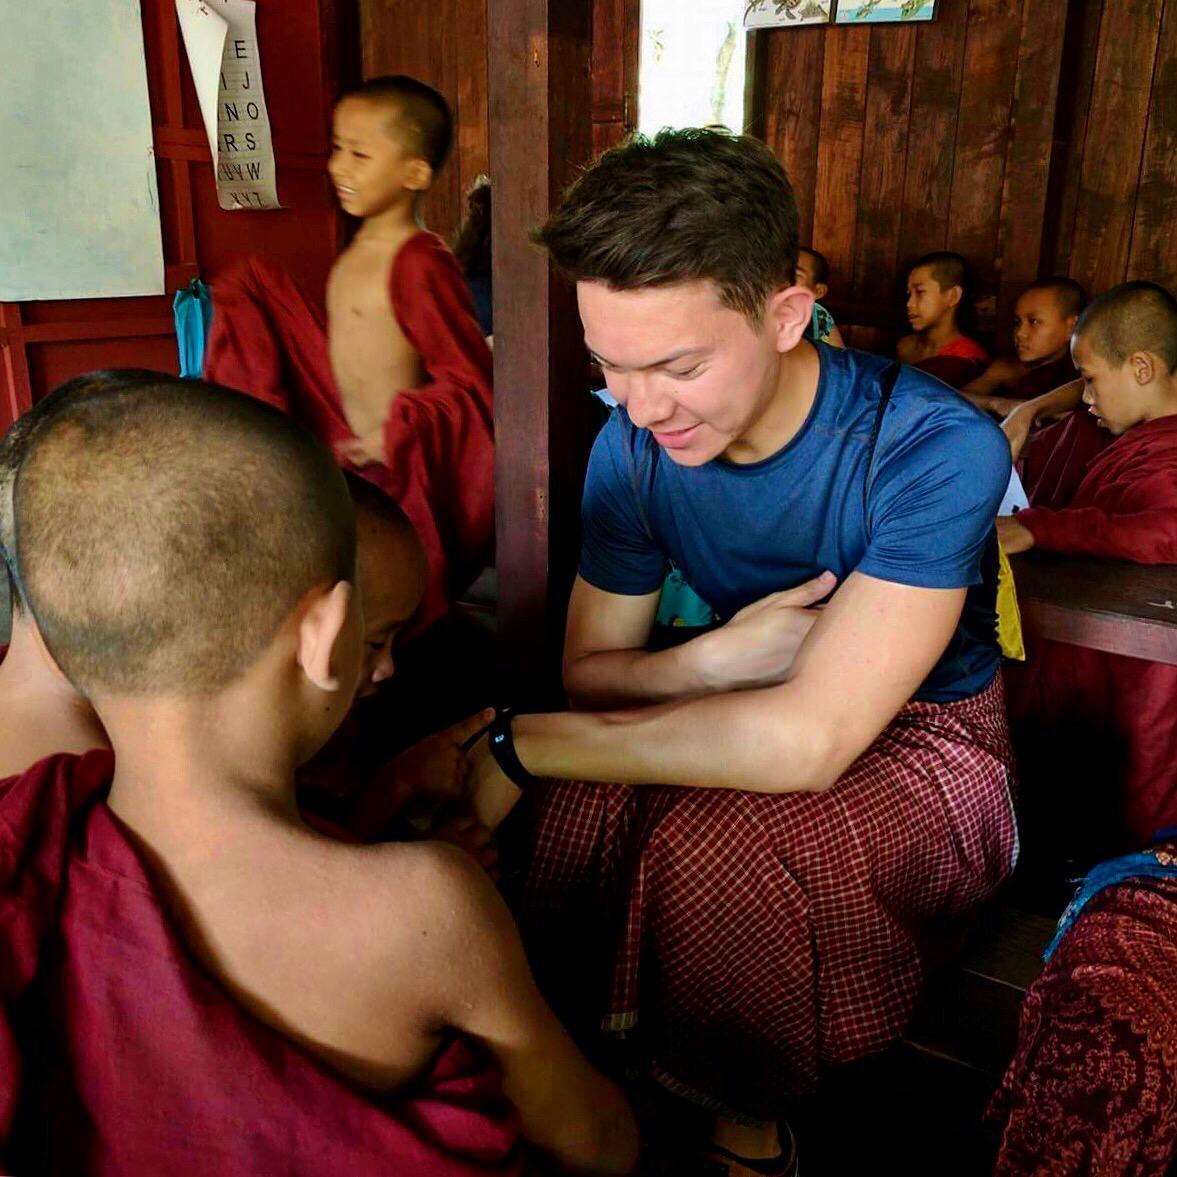 Mönche, Buddhismus, Lehrer, Schüler, Englisch, Technologie